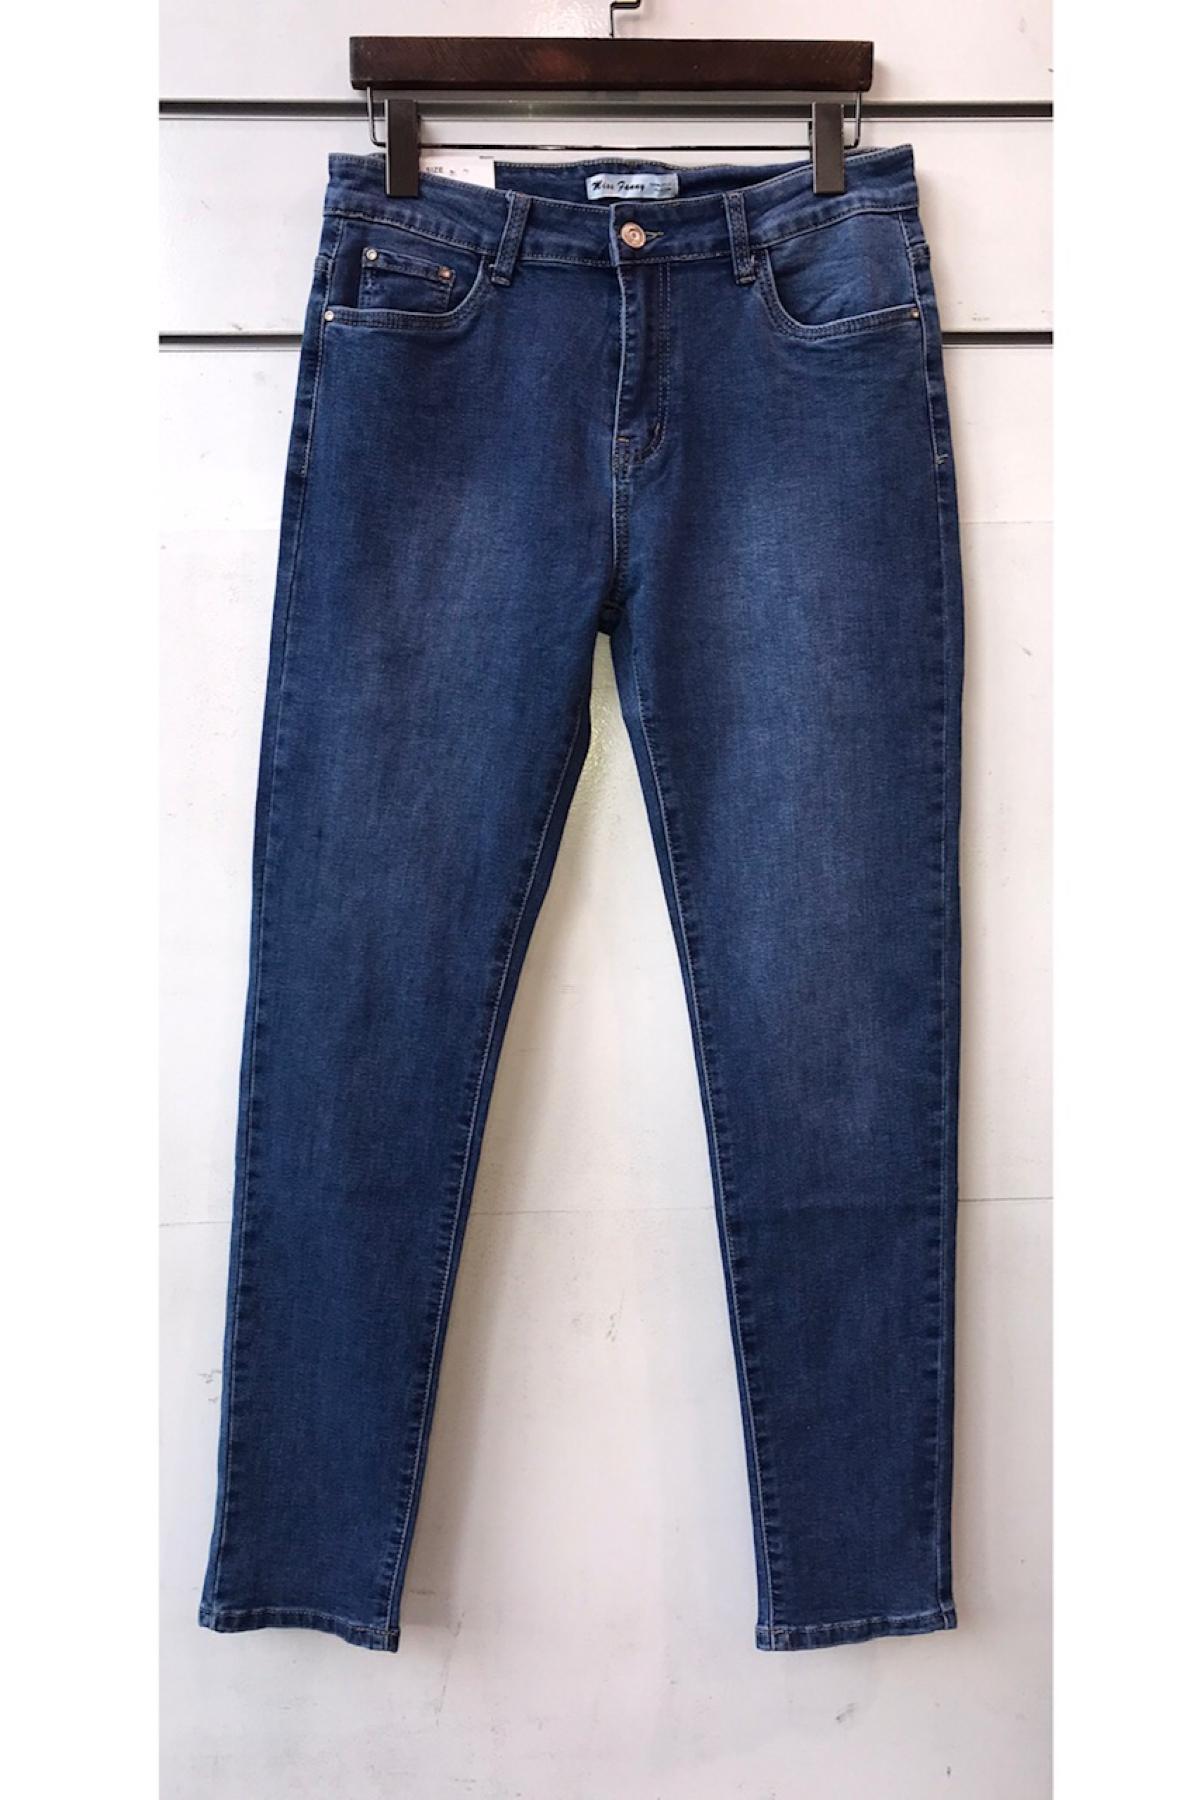 Jeans Femme Jean FANNY MODE 3482 #c eFashion Paris